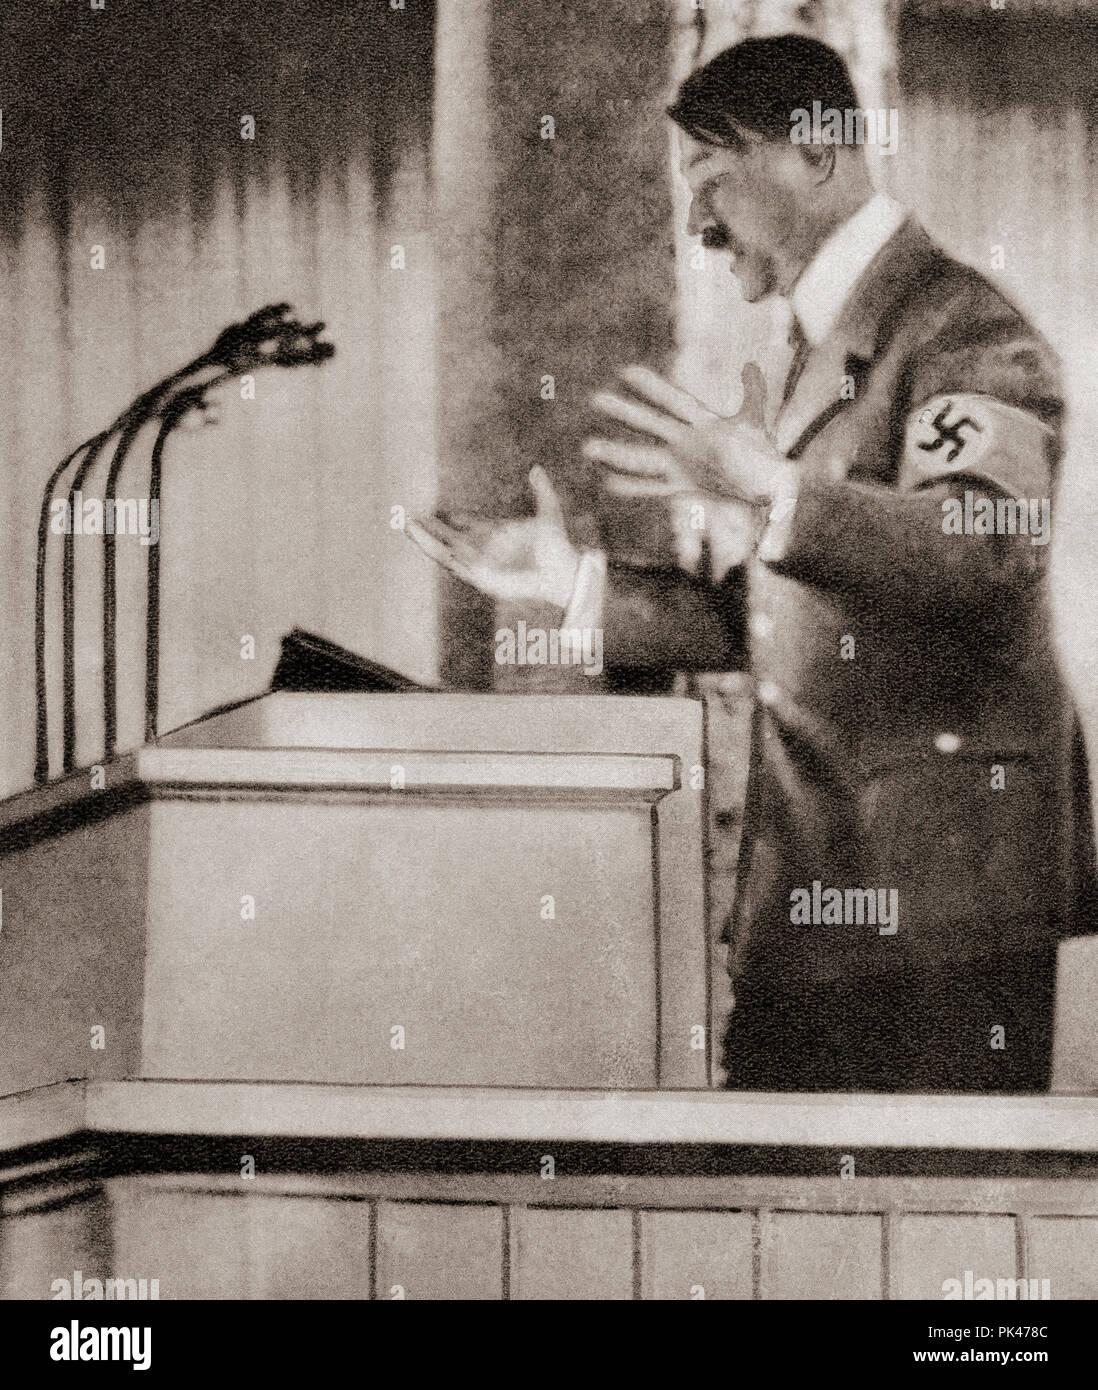 Adolph Hitler il discorso al rally di Norimberga, Settembre 12, 1938 dichiarando che l oppressione dei tedeschi dei Sudeti deve finire. Adolf Hitler,1889 - 1945. Uomo politico tedesco, demagogo, Pan-German rivoluzionario, leader del partito nazista, Cancelliere della Germania e il Führer della Germania nazista dal 1934 al 1945. Da questi straordinari anni, pubblicato in 1938. Immagini Stock